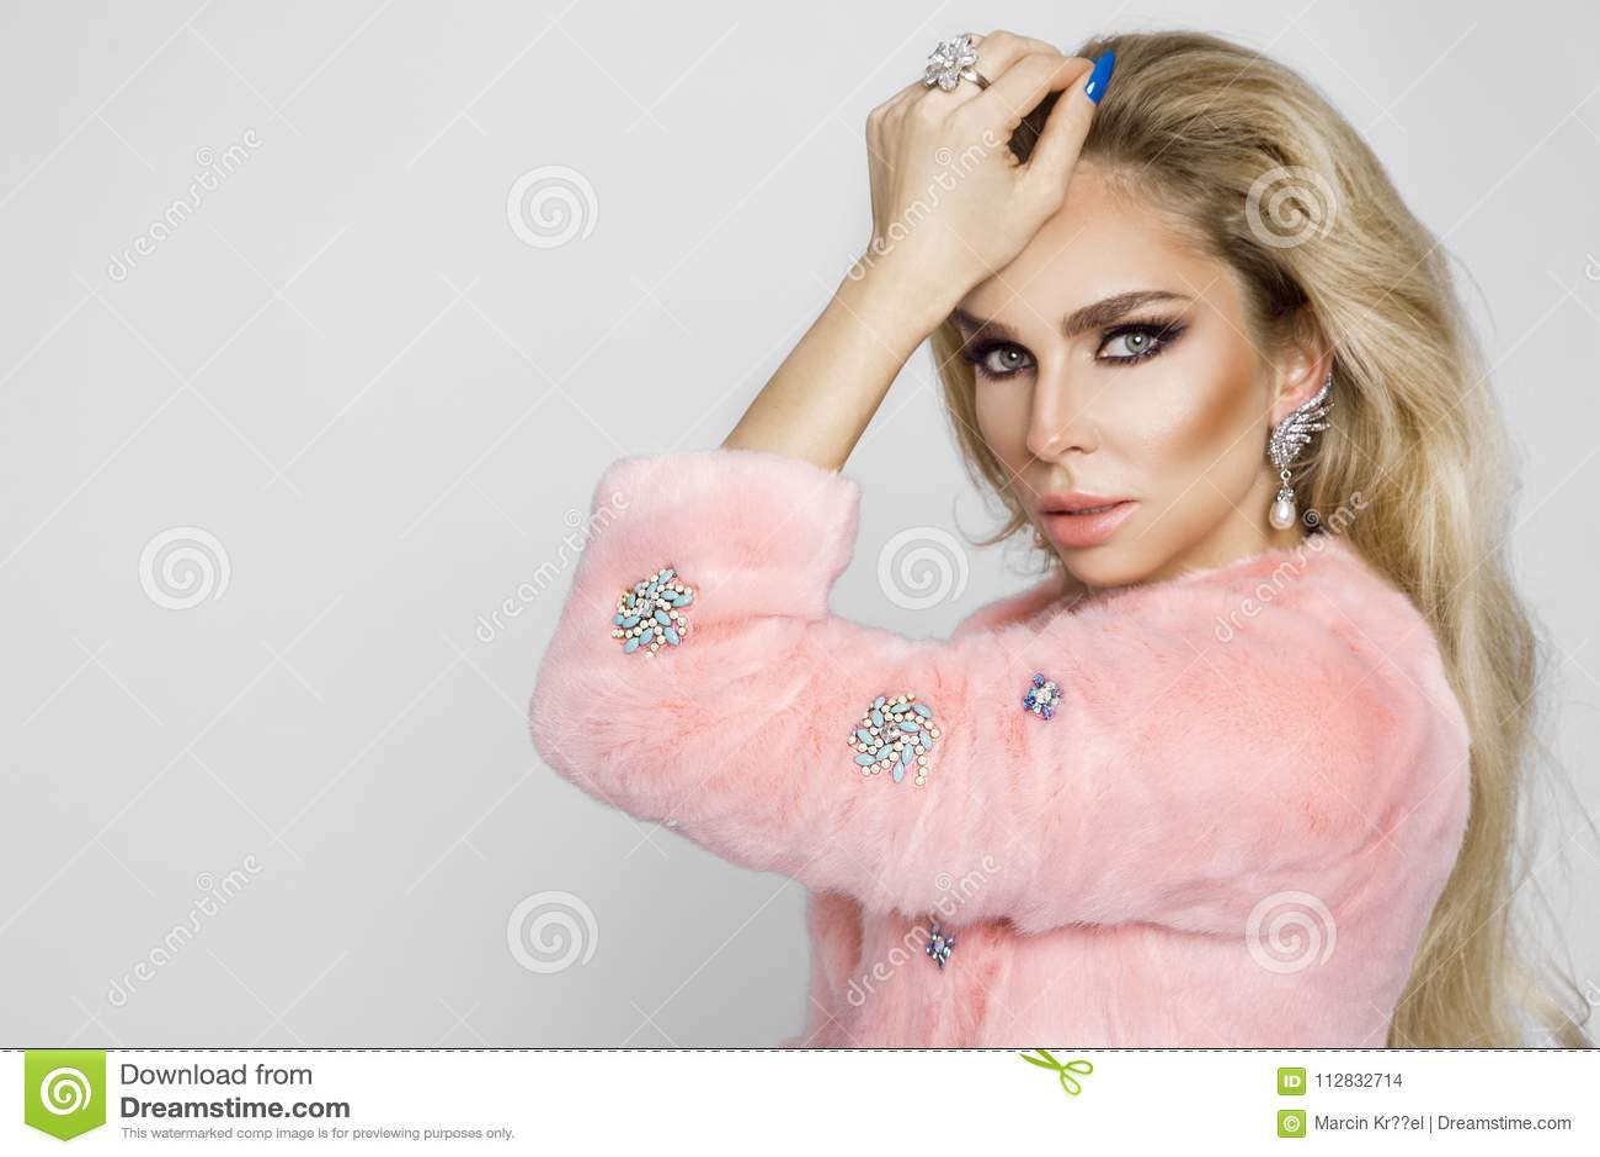 Modelo Rubio Hermoso, Atractivo, Vestido Solamente En Piel Y Ropa ...